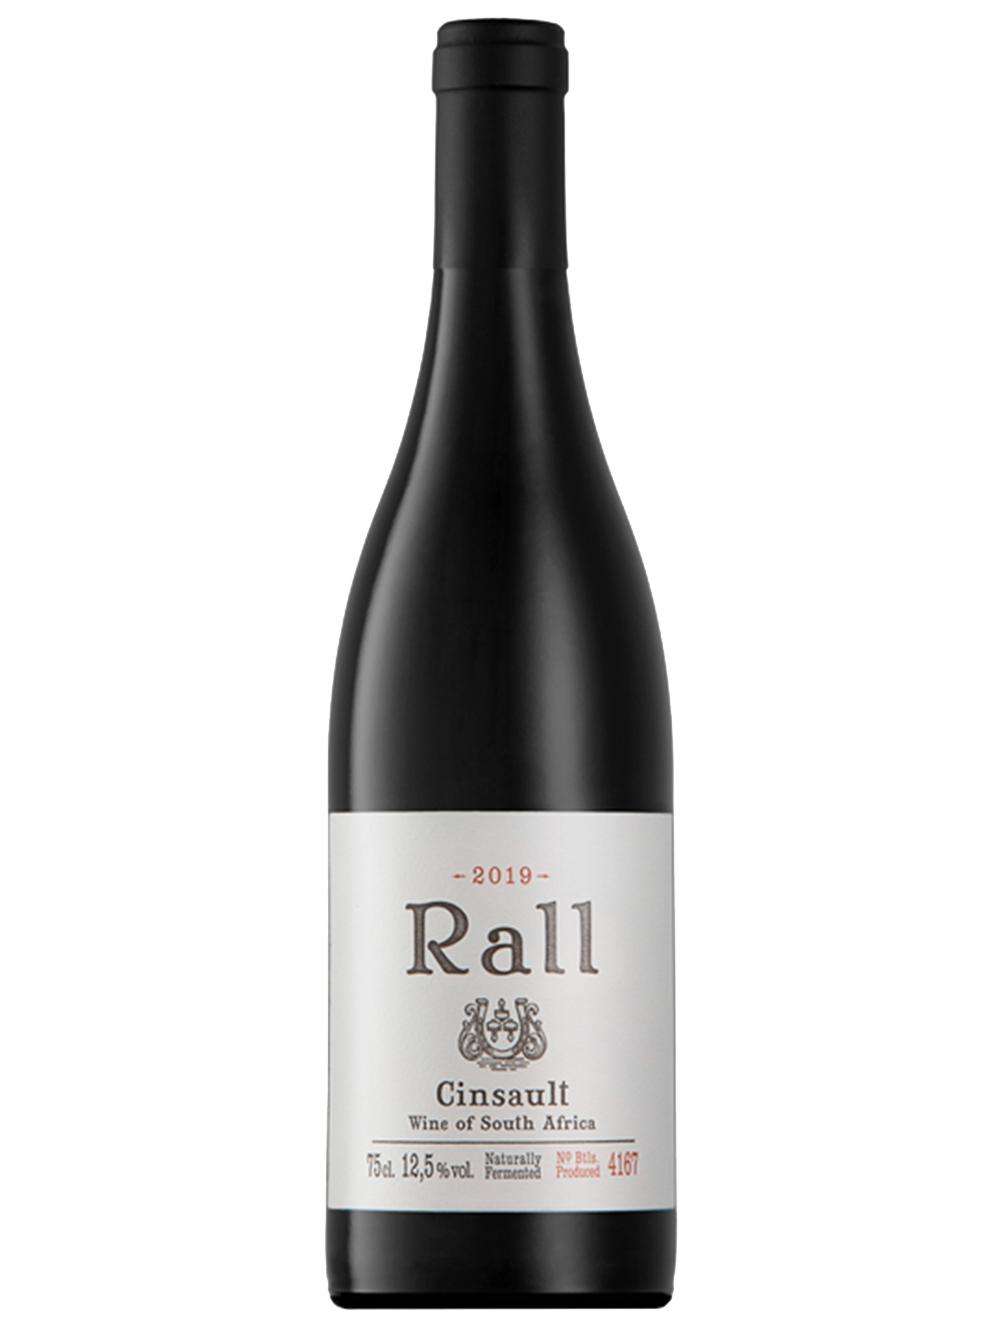 Rall Cinsault